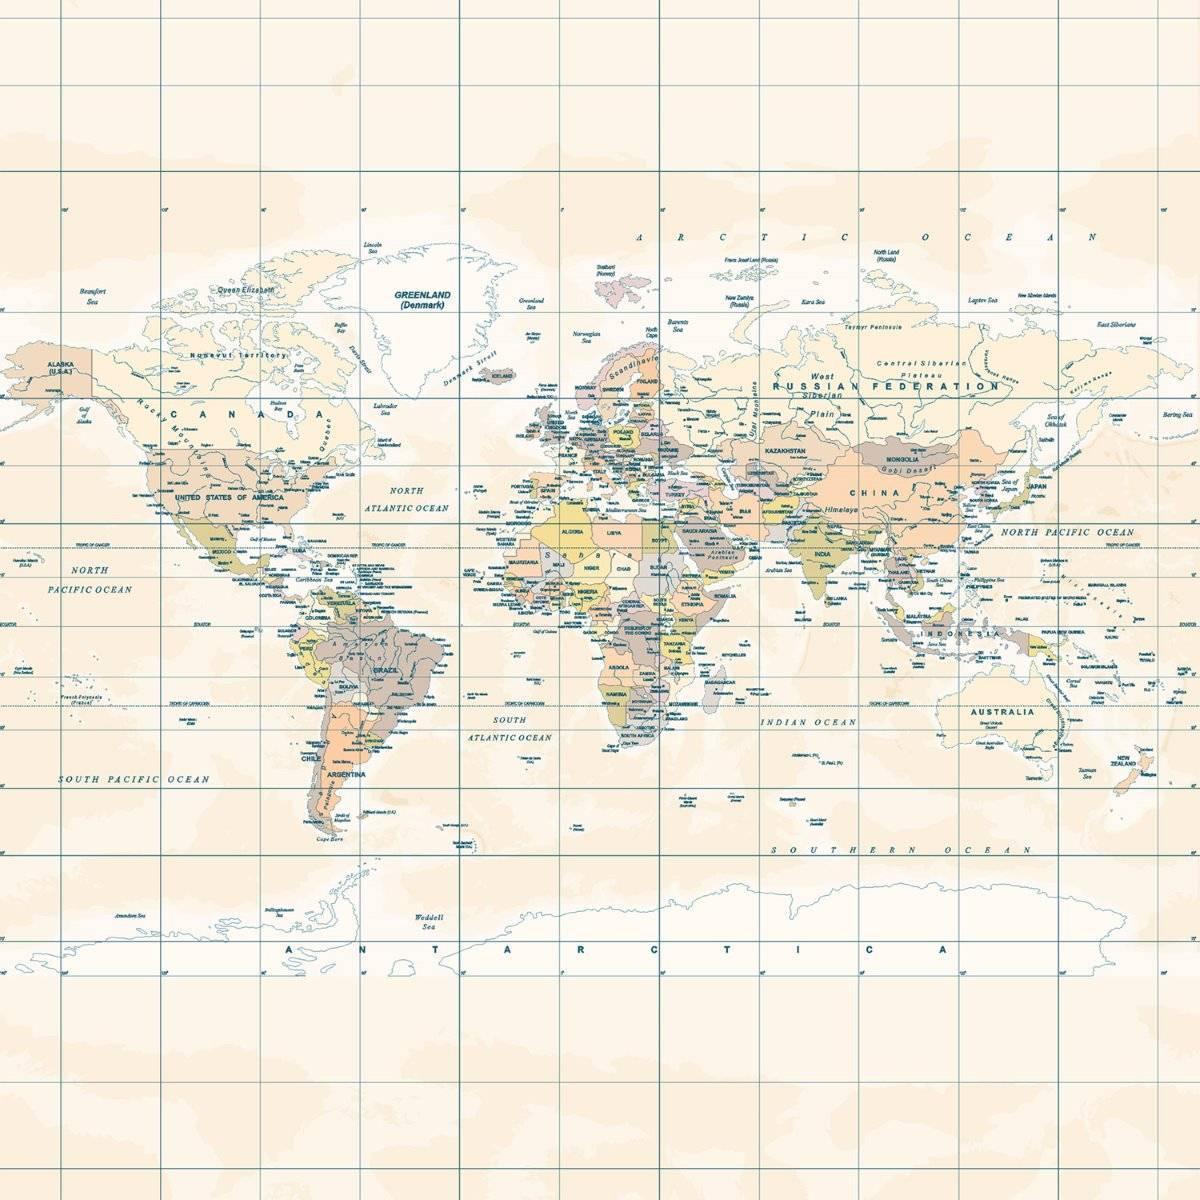 Papel de Parede Mapa Mundi Vintage | Painel Fotográfico m² imagem 2